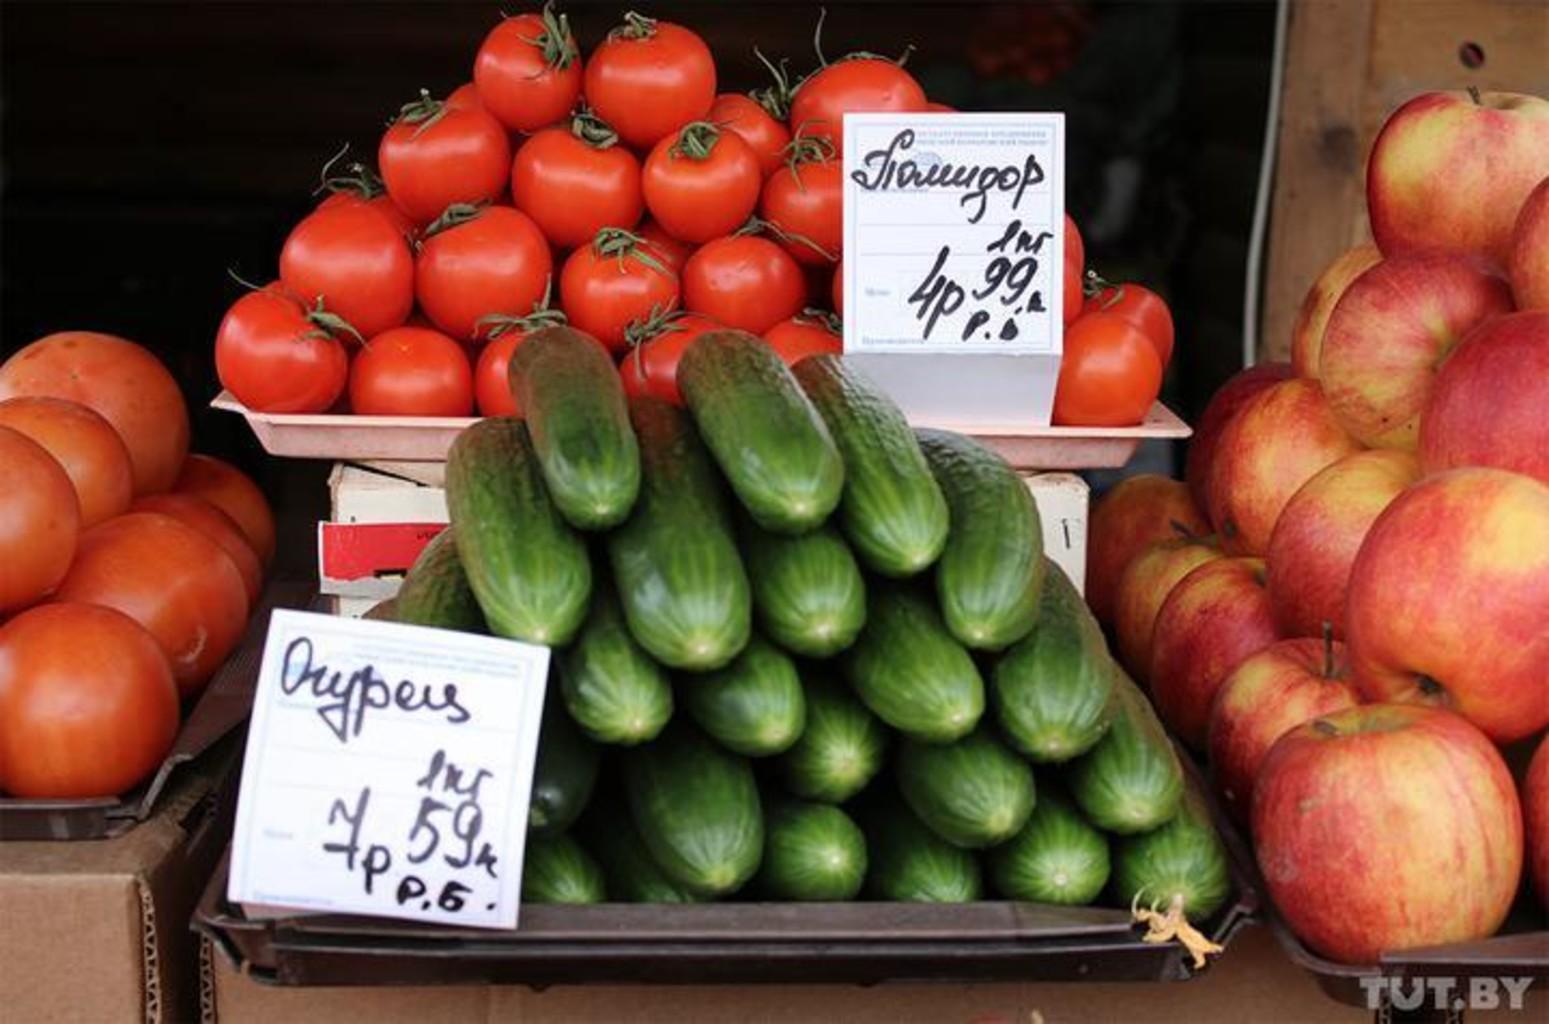 Ogurcy i pomidory komarovka ceny ovoshchi